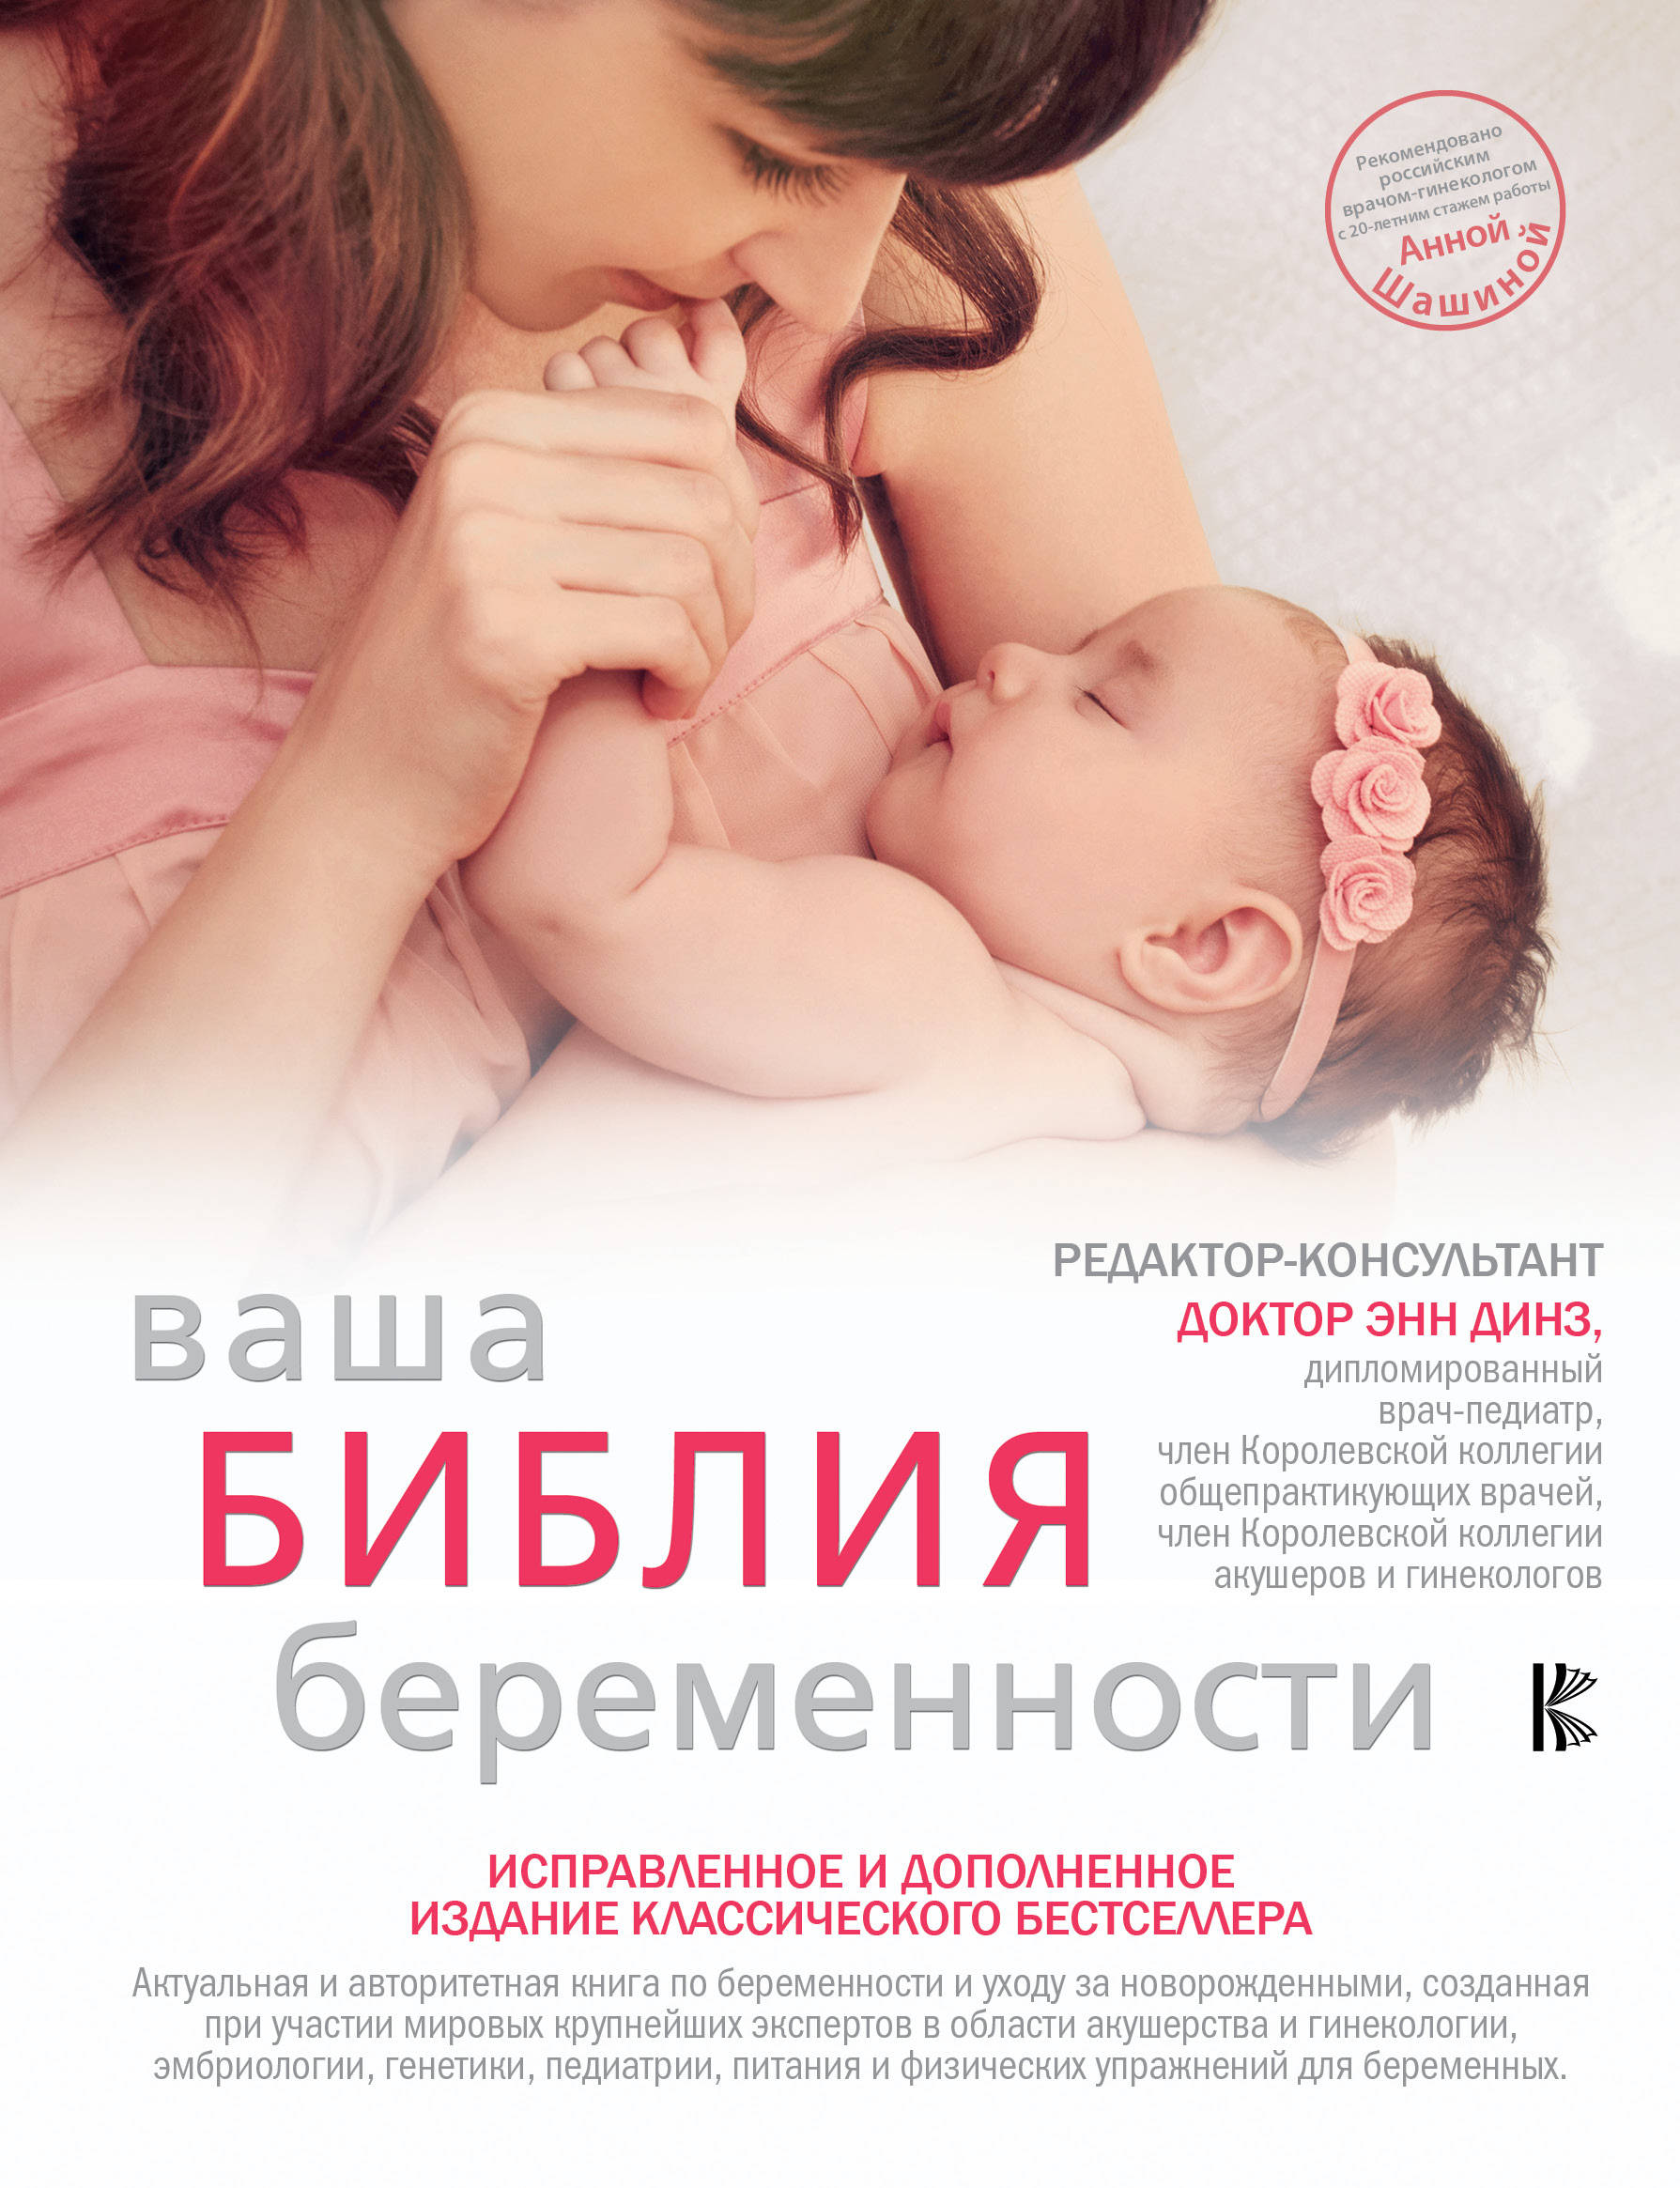 Динз Э. Ваша библия беременности. Обновленное издание энн динз ваша библия беременности обновленное издание